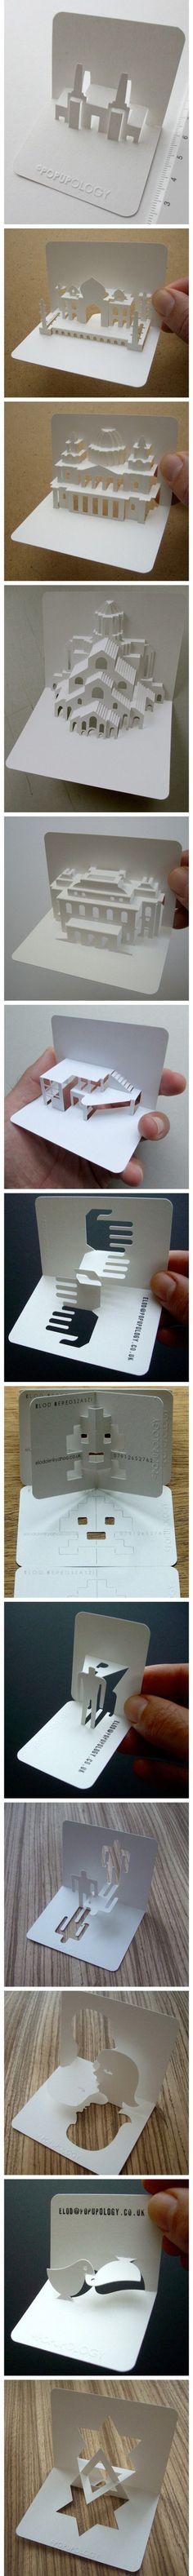 伦敦的艺术家 Elod Beregszaszi 不甘名片平凡无奇,匠心巧手的设计了一系列3D名片。